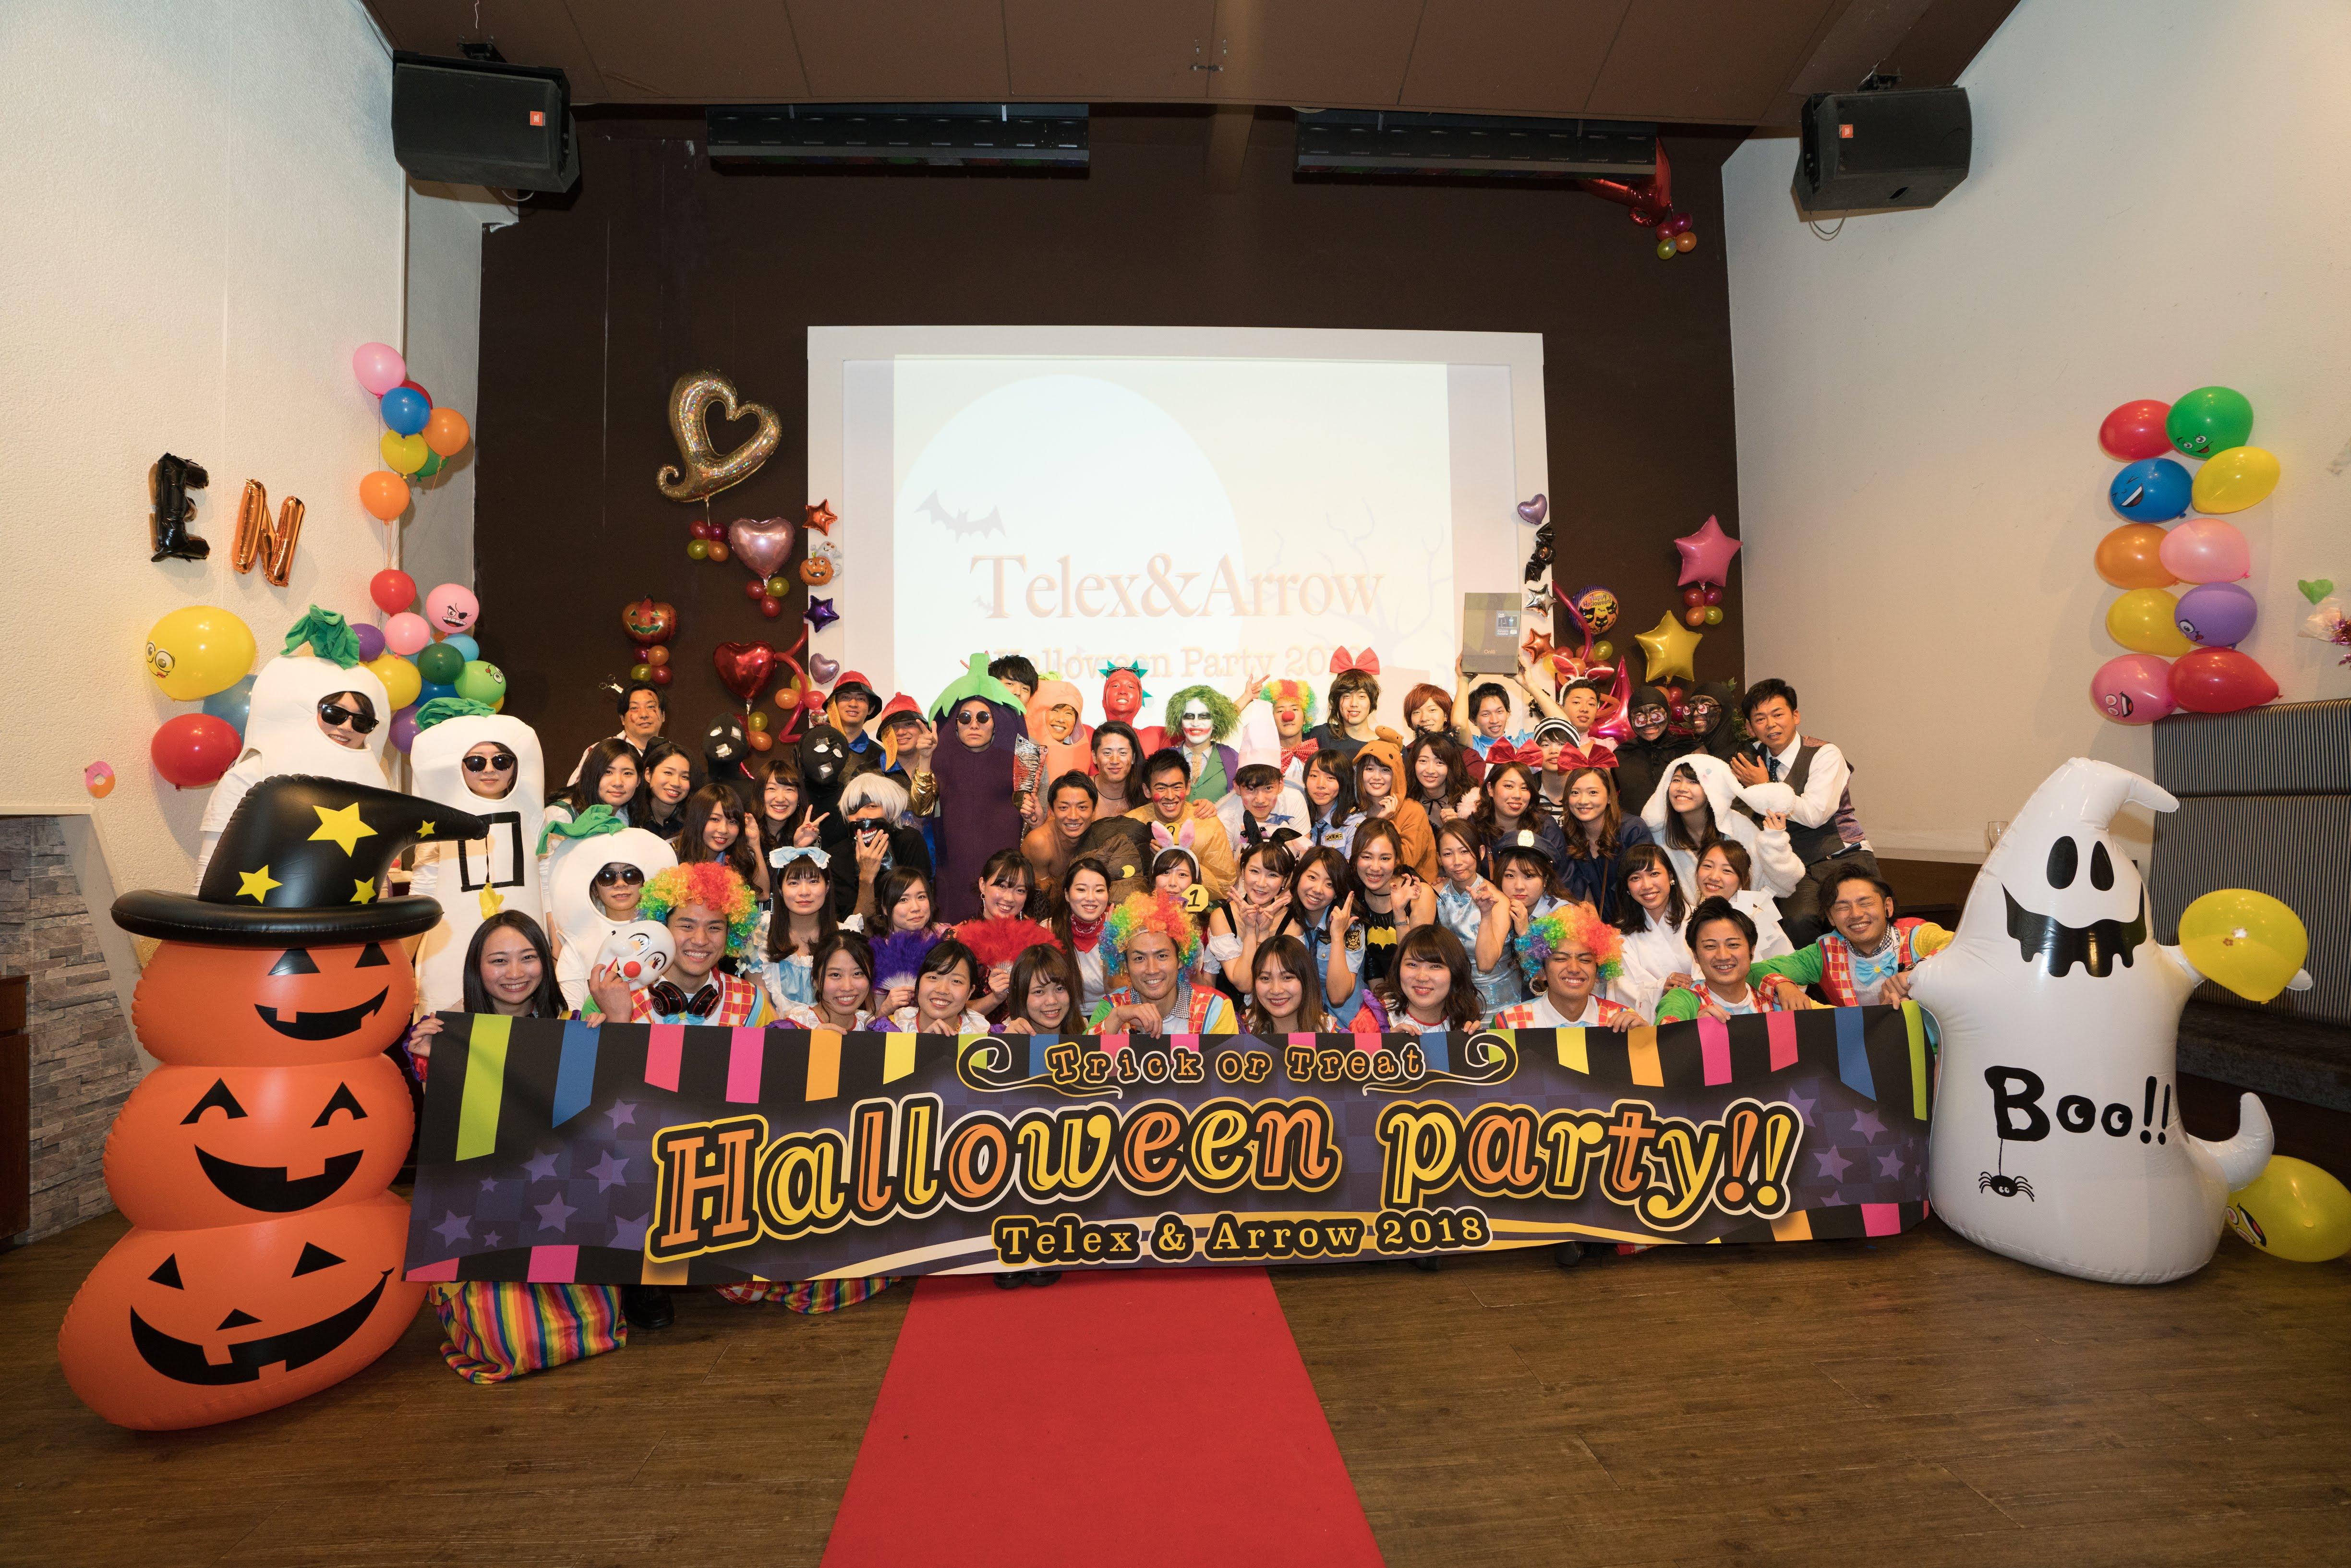 社内ハロウィンパーティー